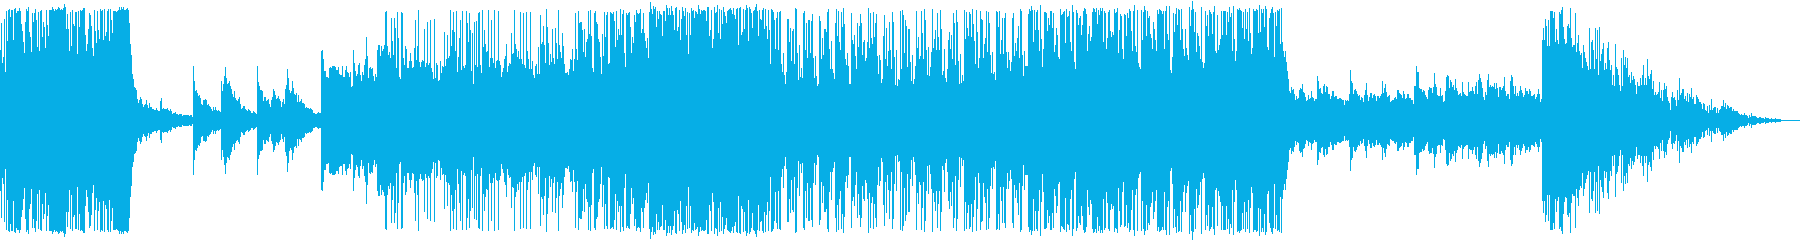 未来的なイメージを演出するエレクトロニカの再生済みの波形